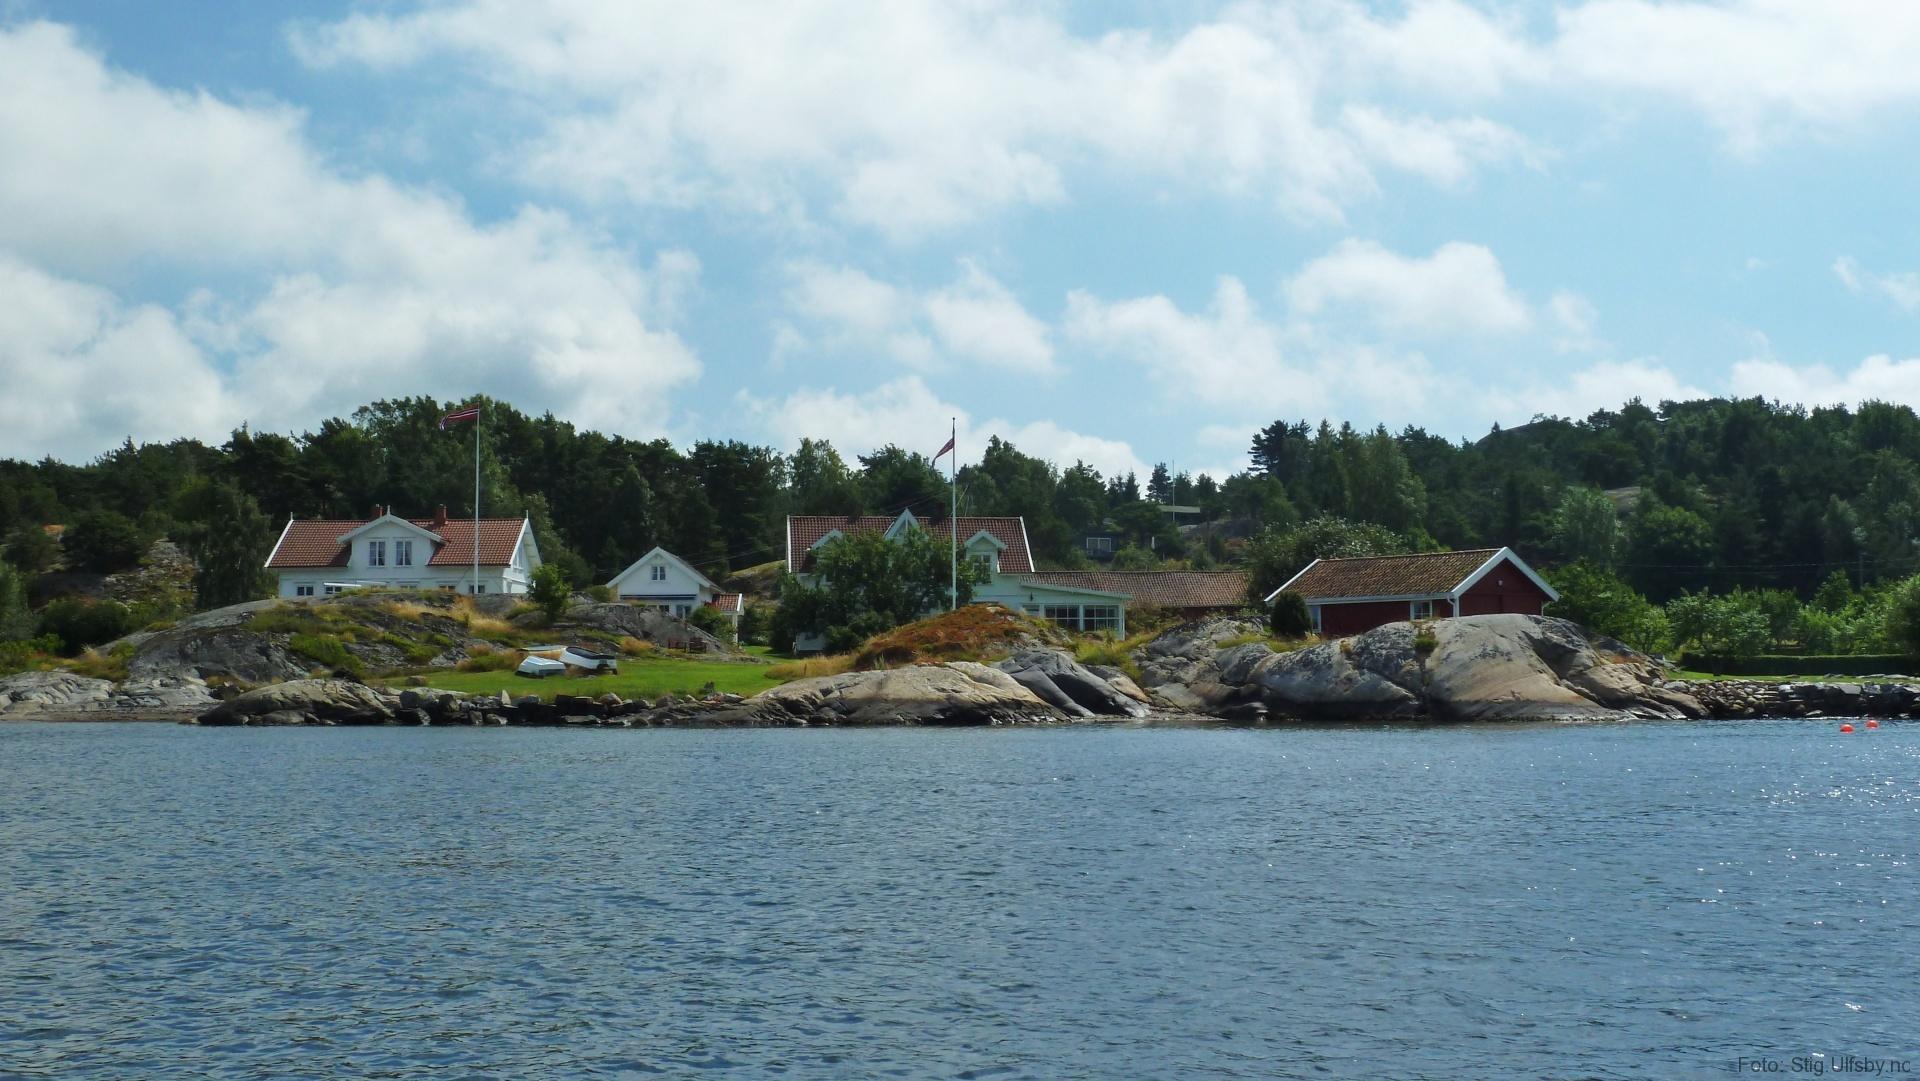 Det gamle pensjonatet i Buvika i Gravningsund, Søndre Sandøy, Hvaler juli 2010